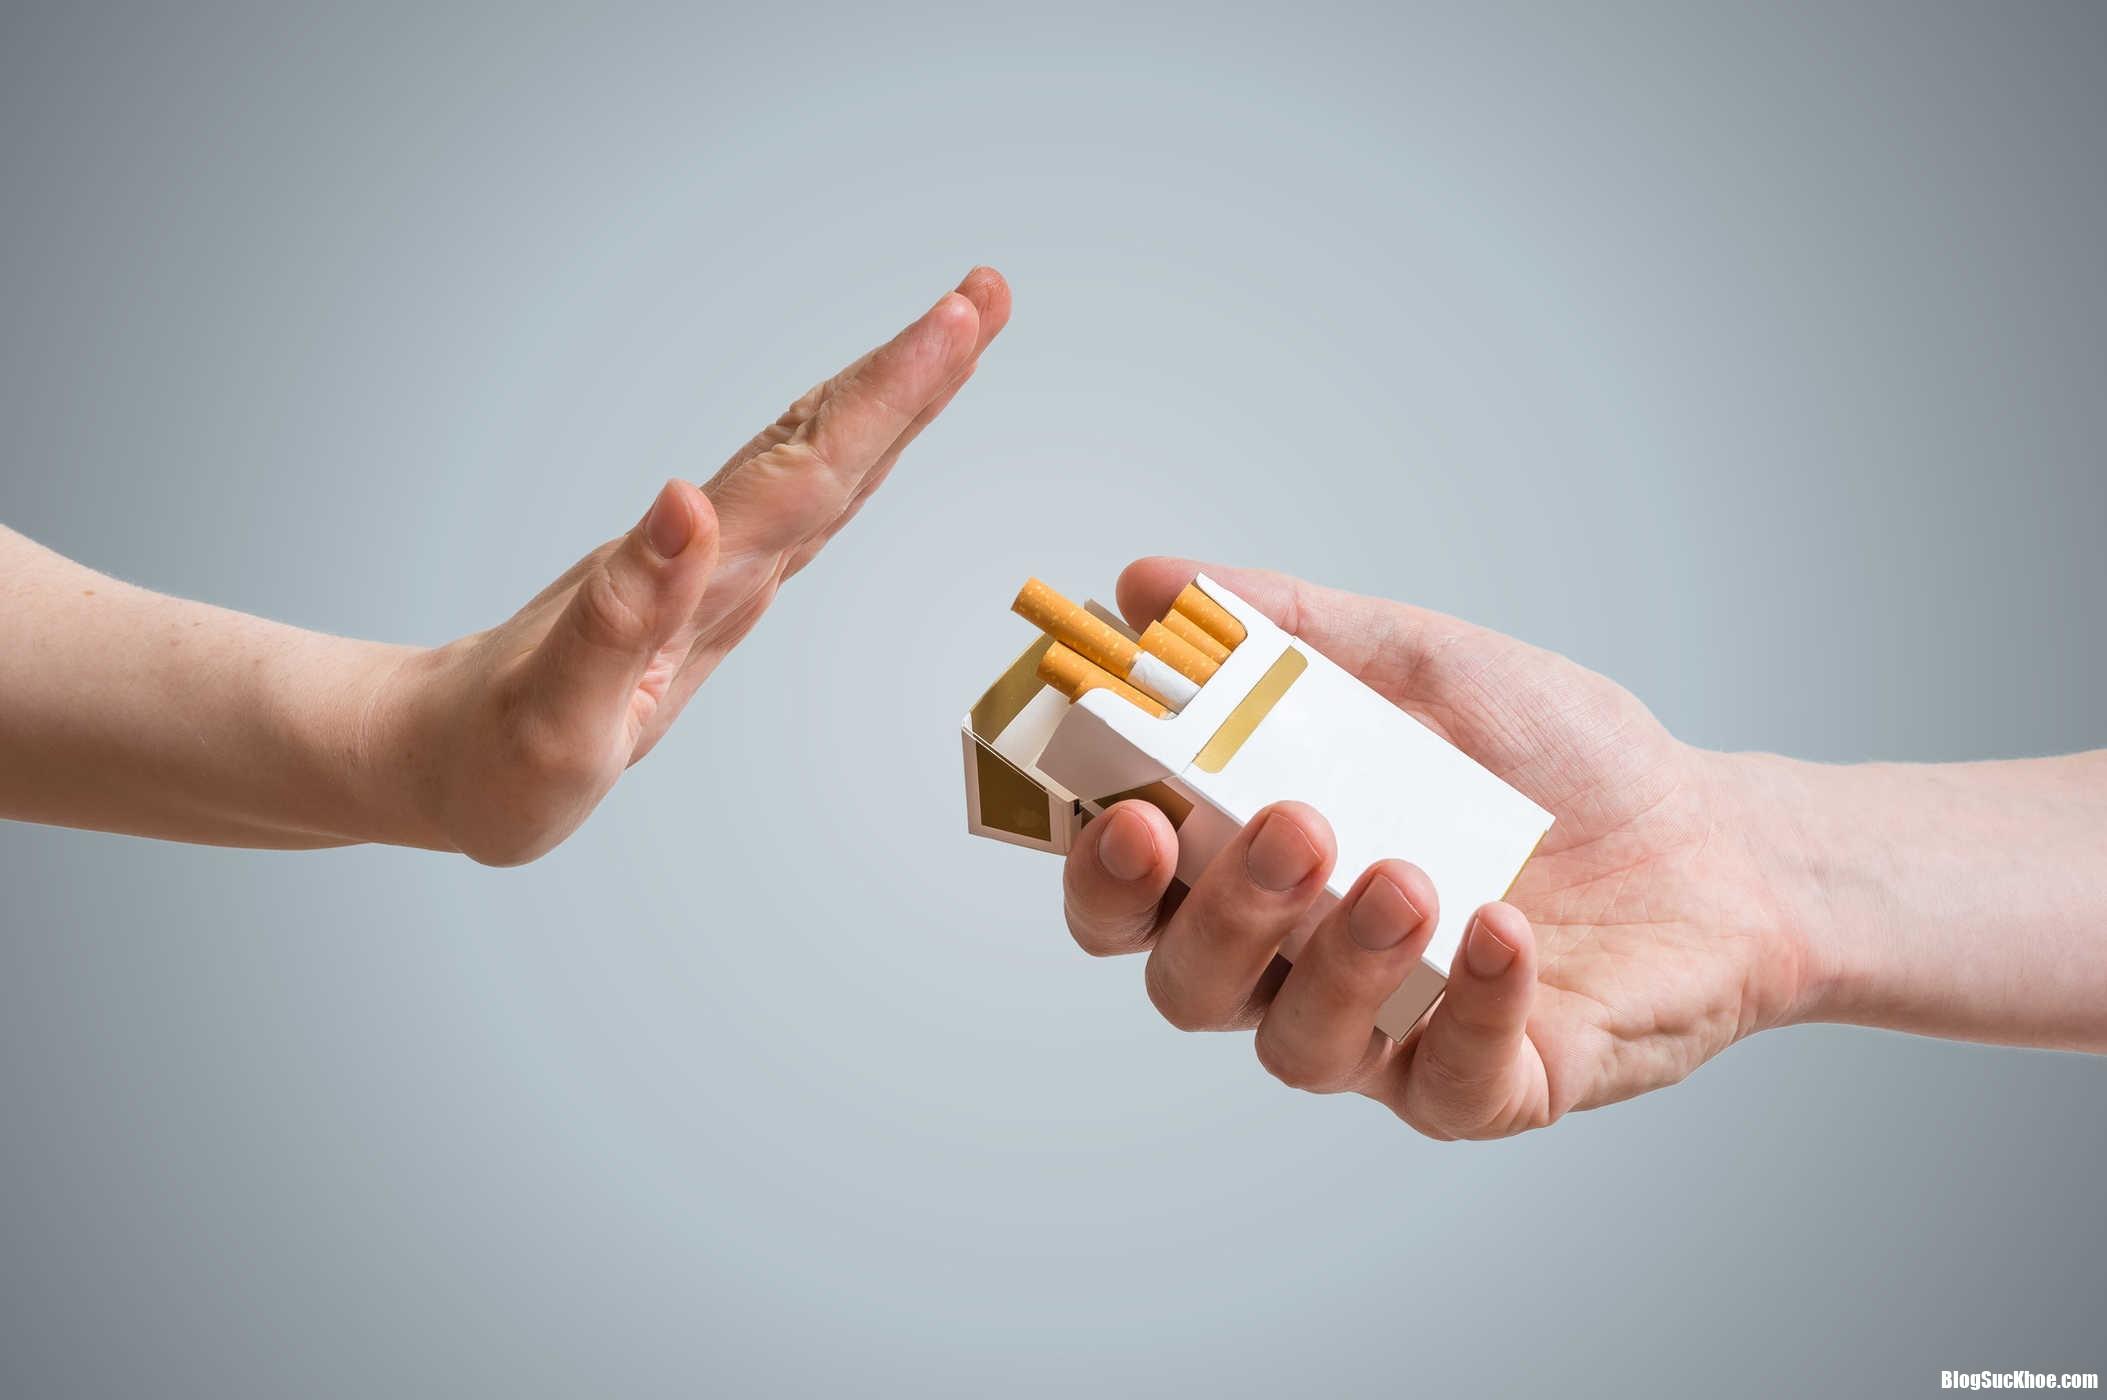 hanh xinh211 Những thay đổi khác biệt của cơ thể khi ngừng thuốc lá